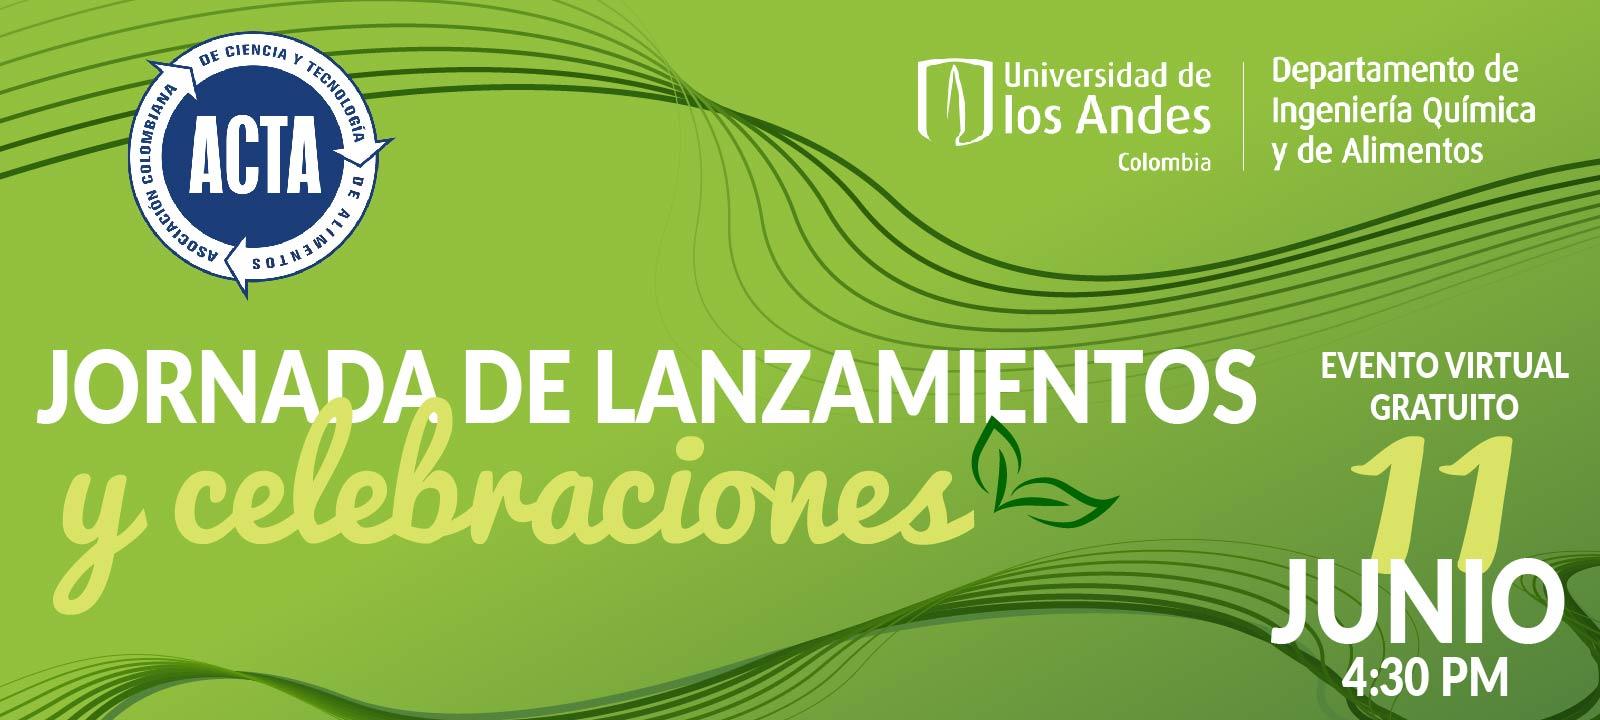 Evento Lanzamientos Celebraciones Asociación Colombiana Ciencia Tecnología Alimentos ACTA Ingeniería Química Alimentos | uniandes